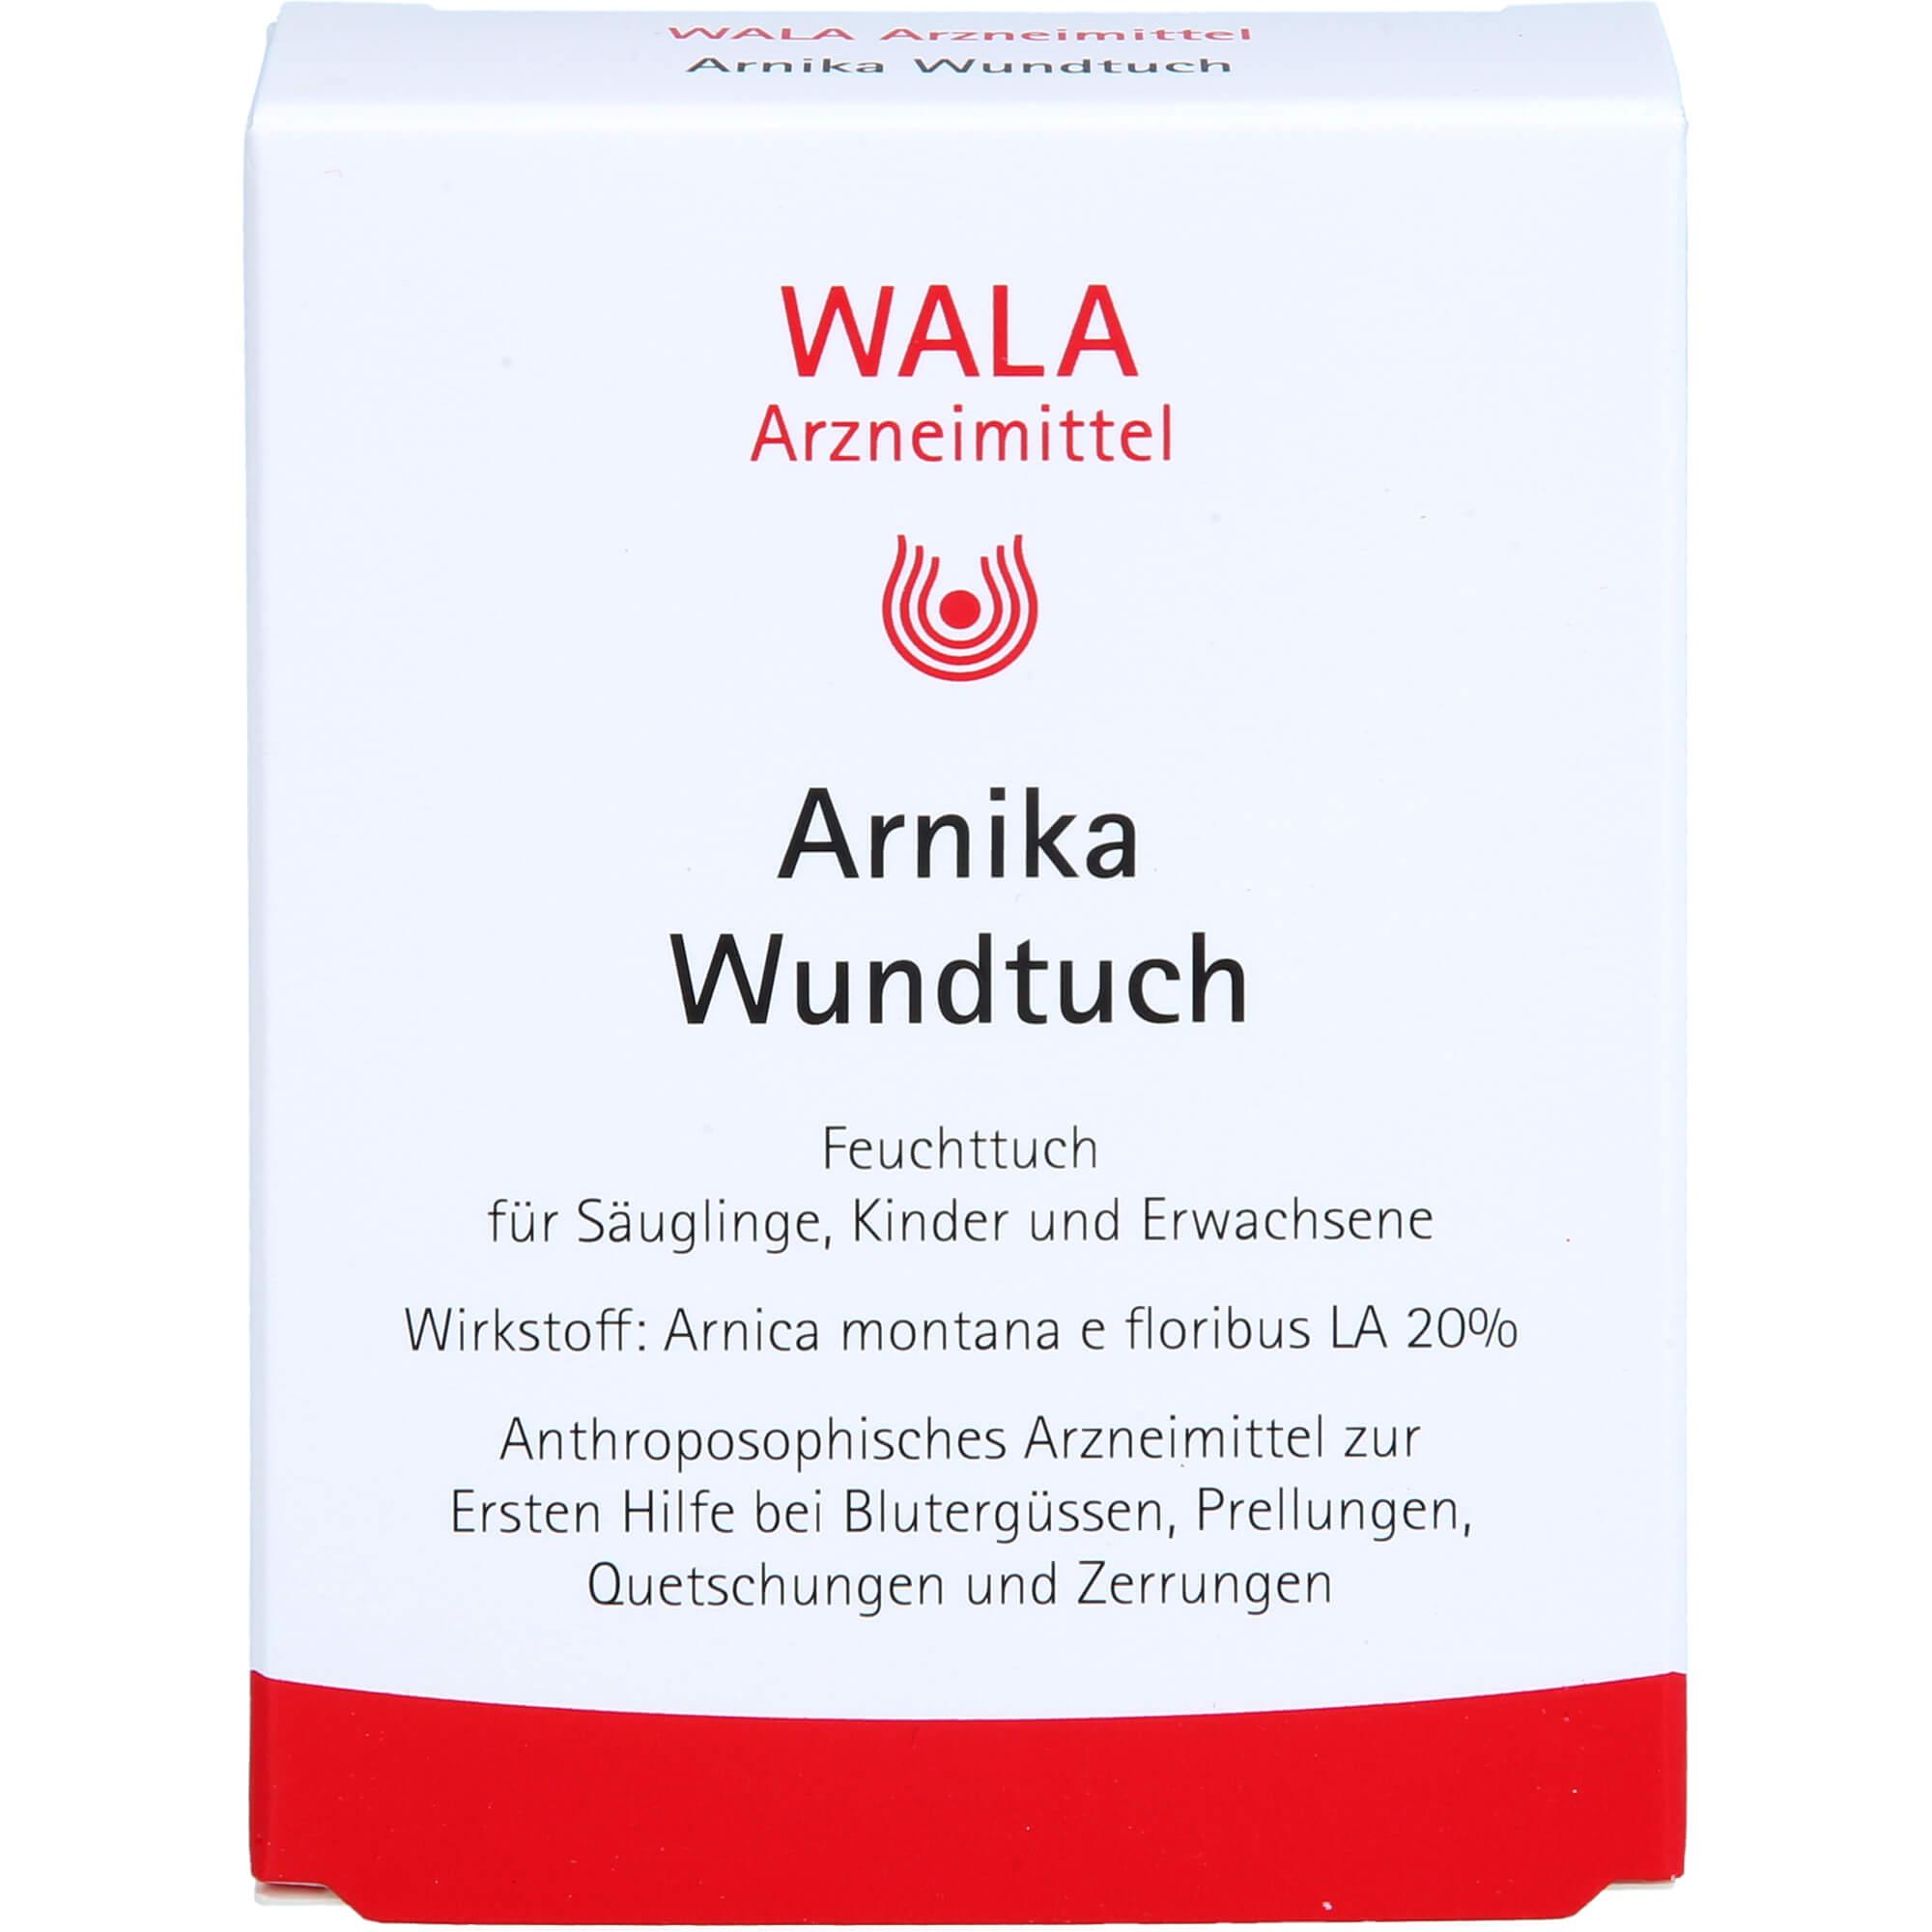 ARNIKA-WUNDTUCH